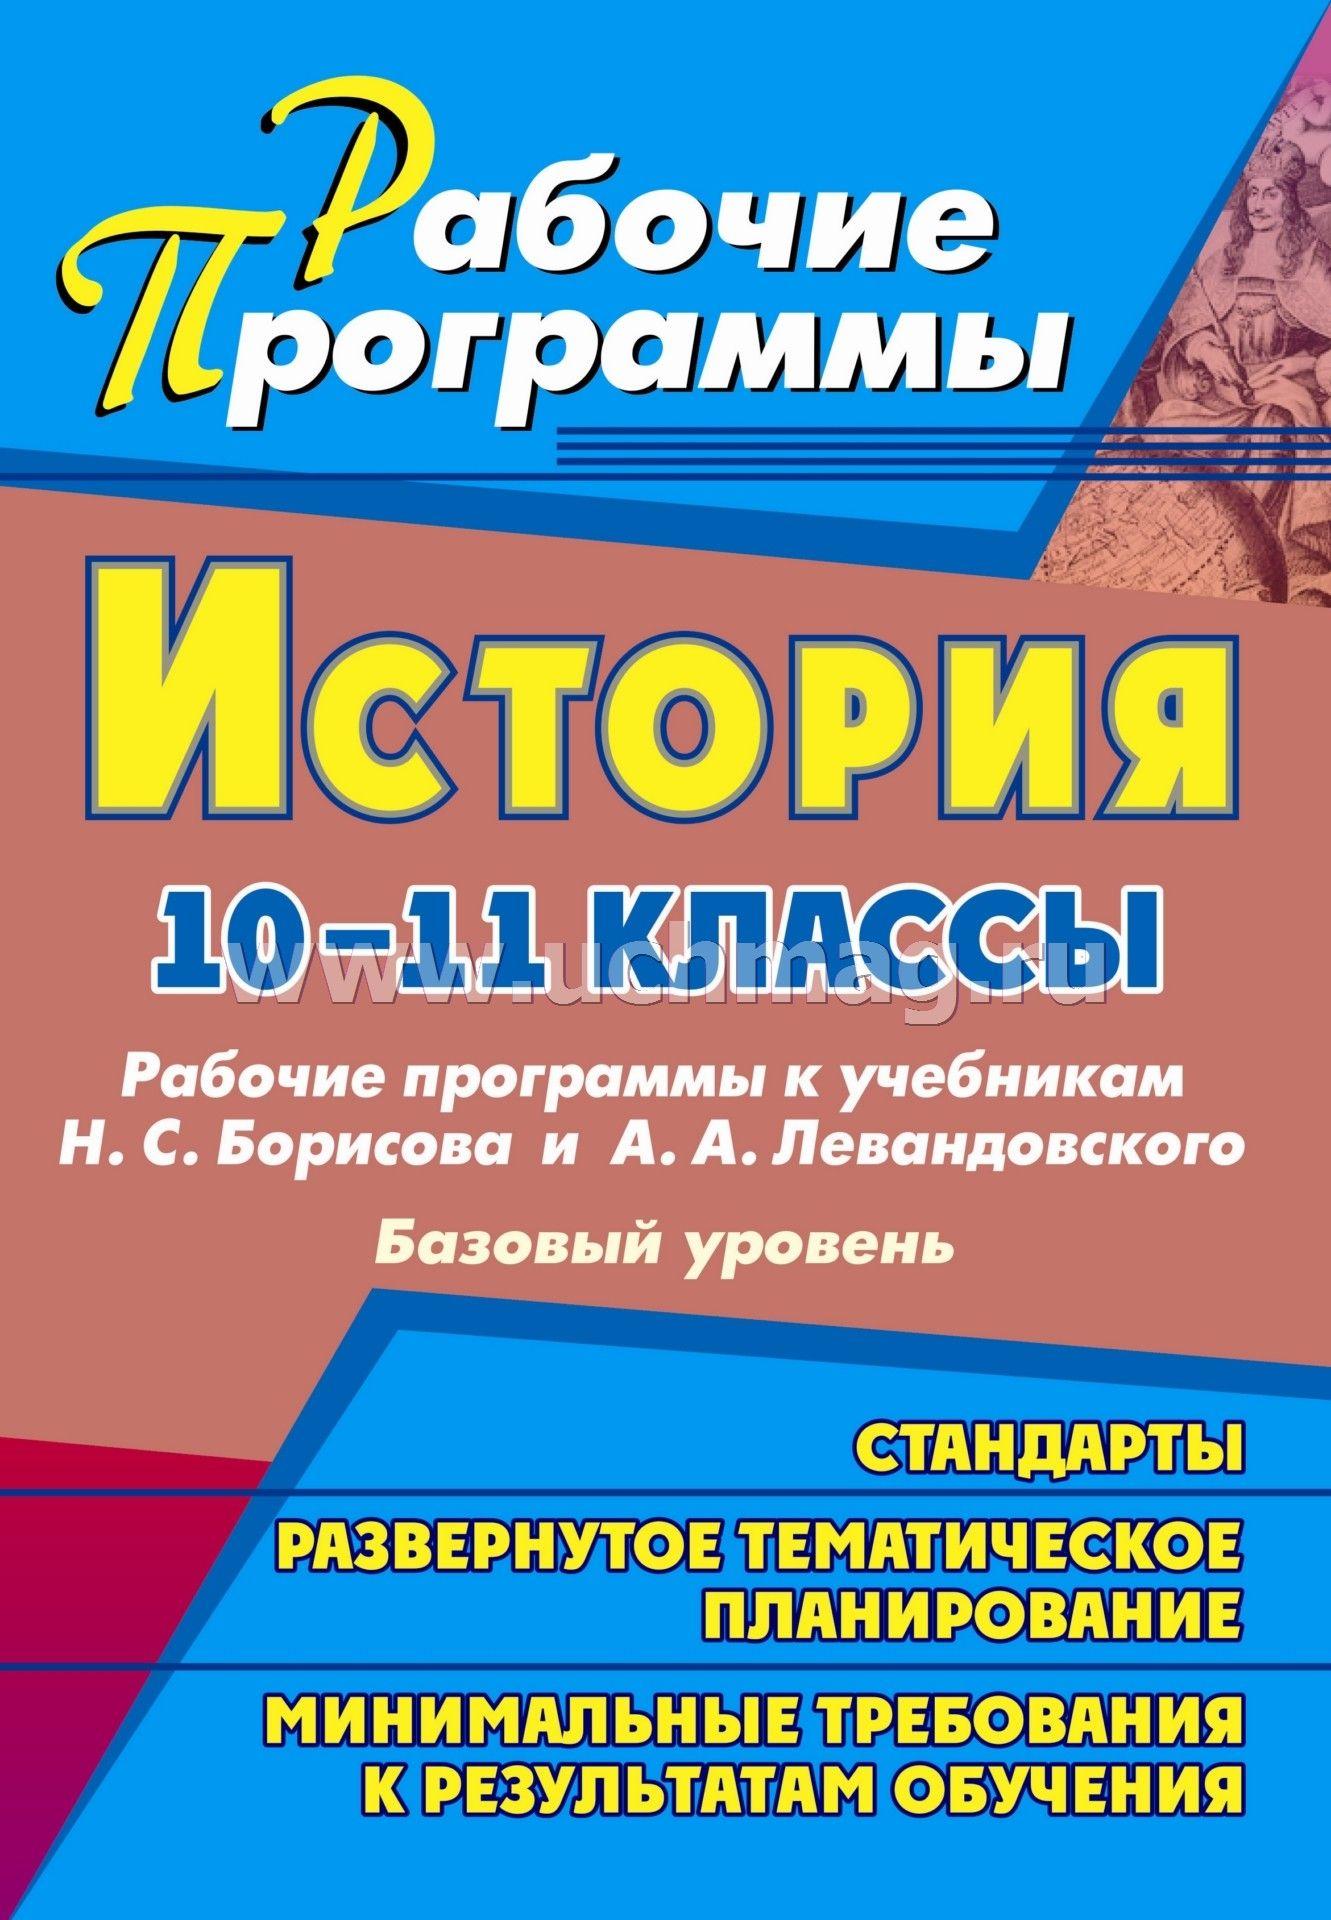 Развернутое тематическое планирование по истории россии 11 класс левандовский